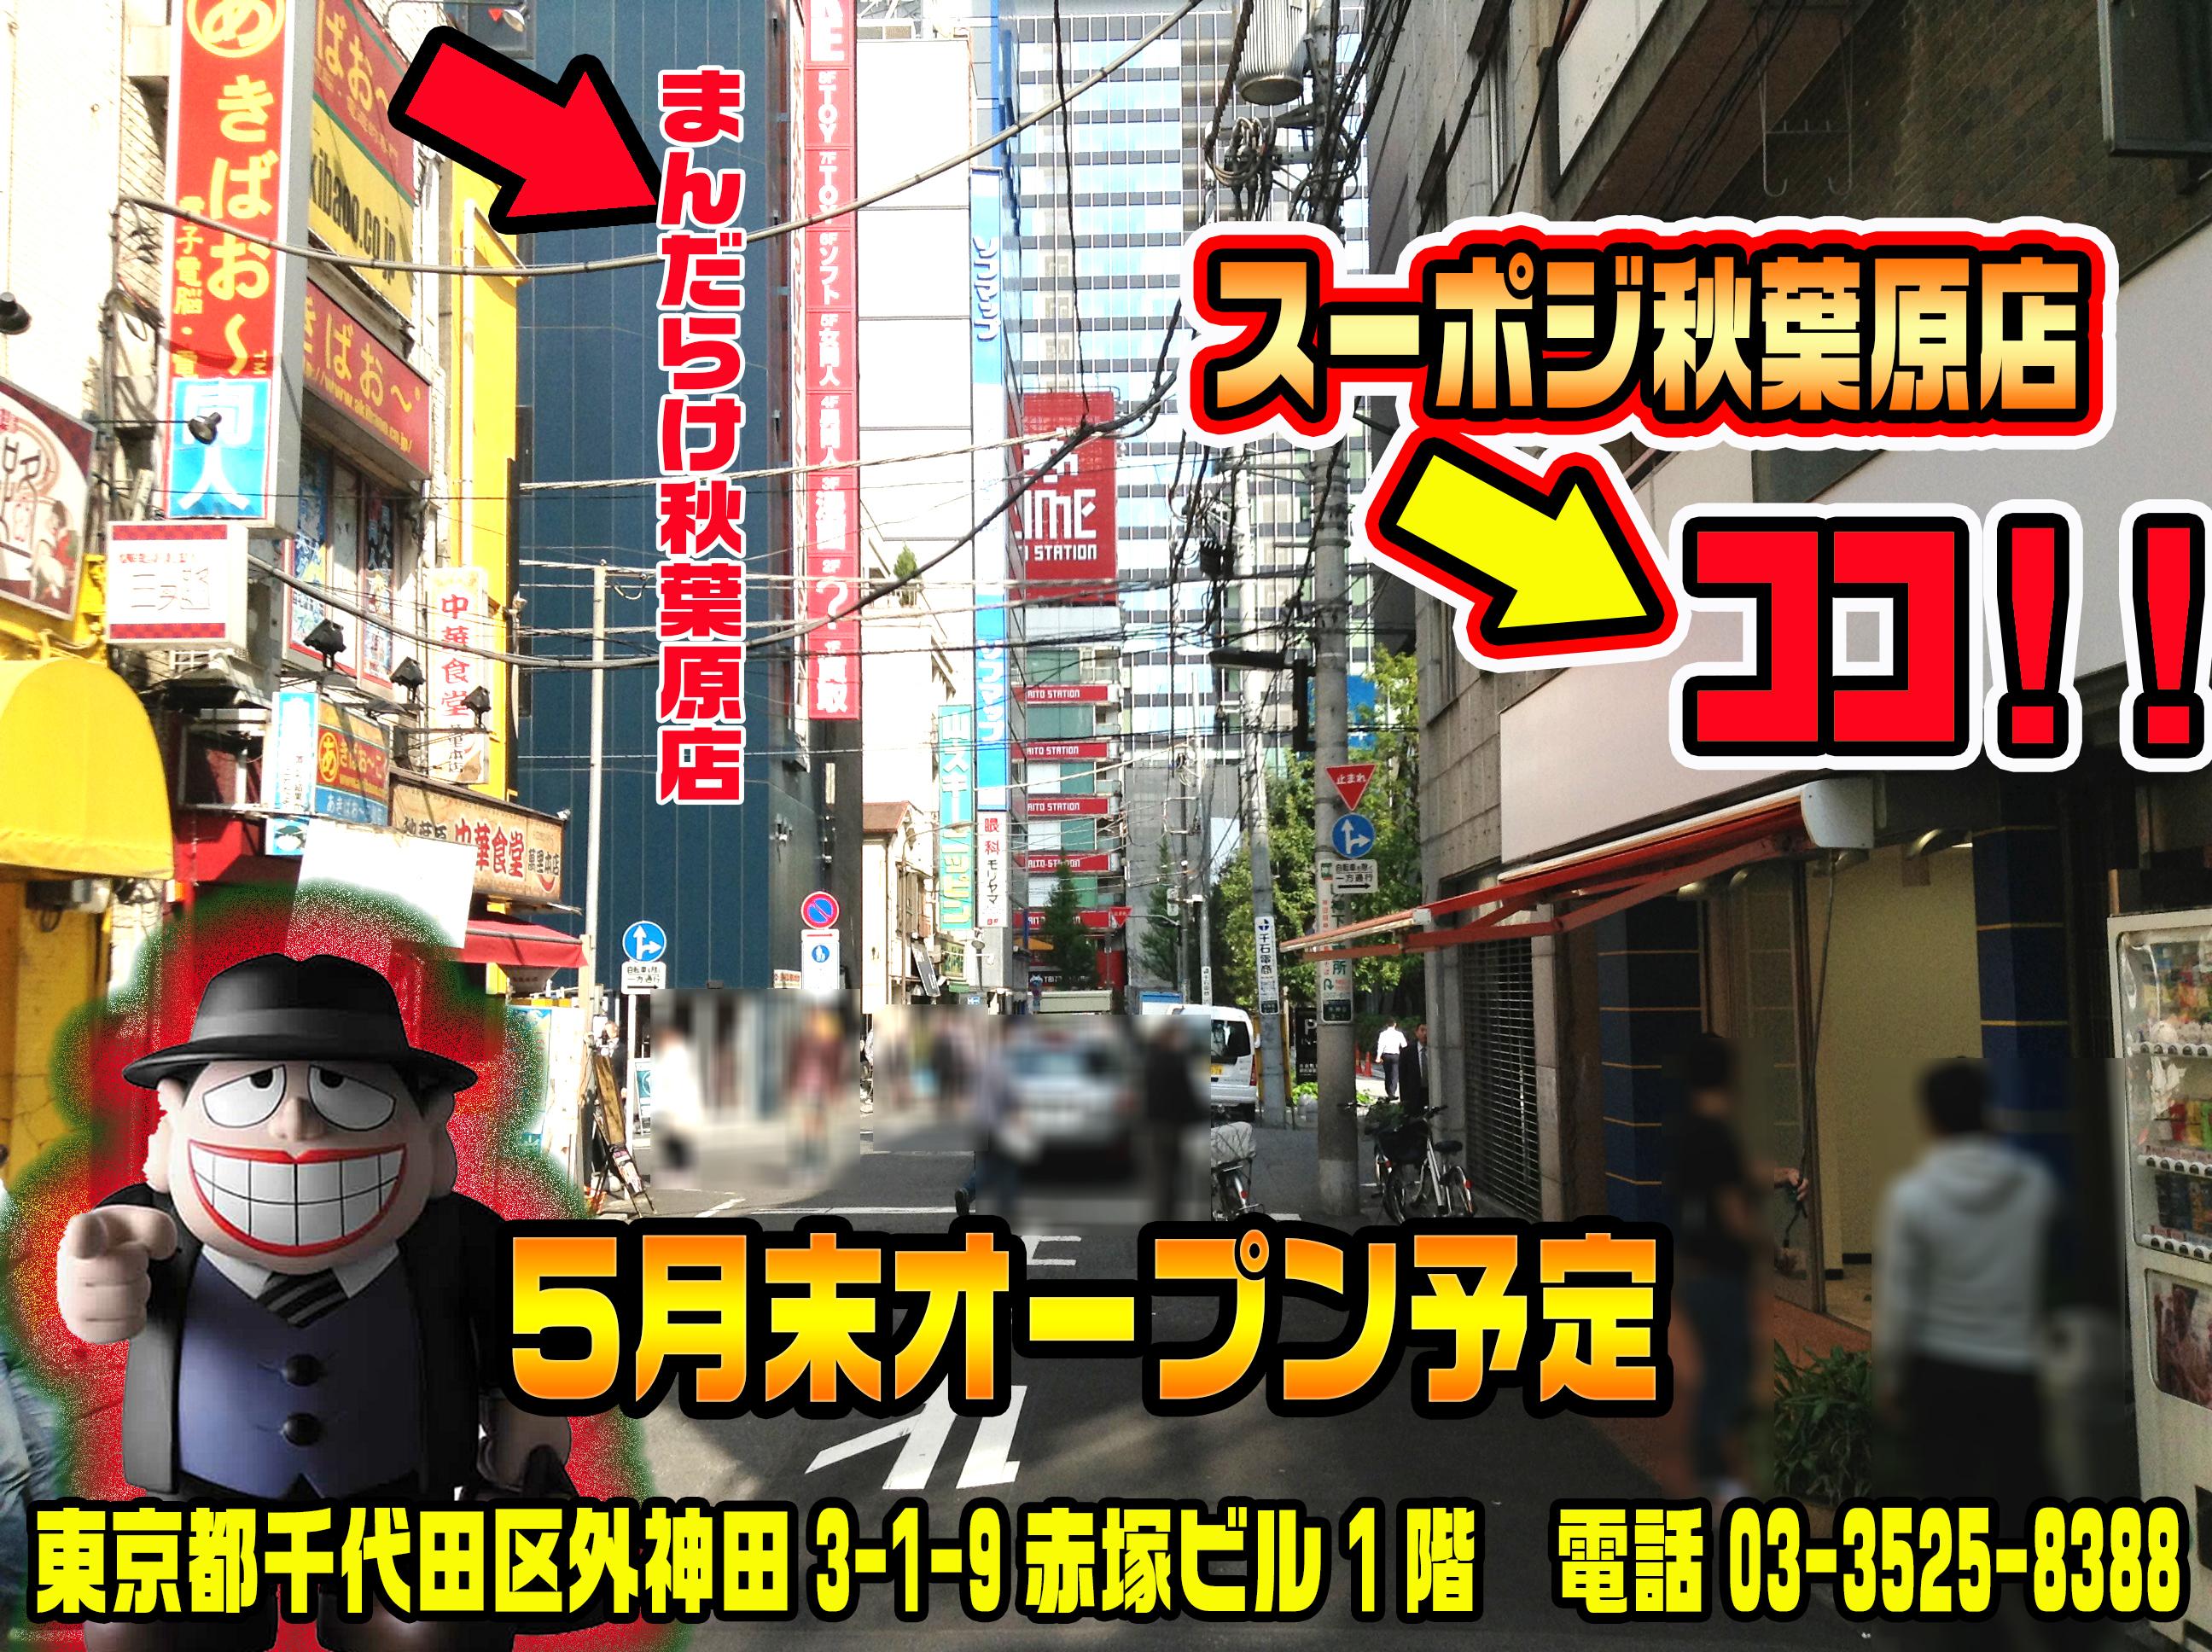 スーポジ秋葉原(アキバ店)店舗詳細